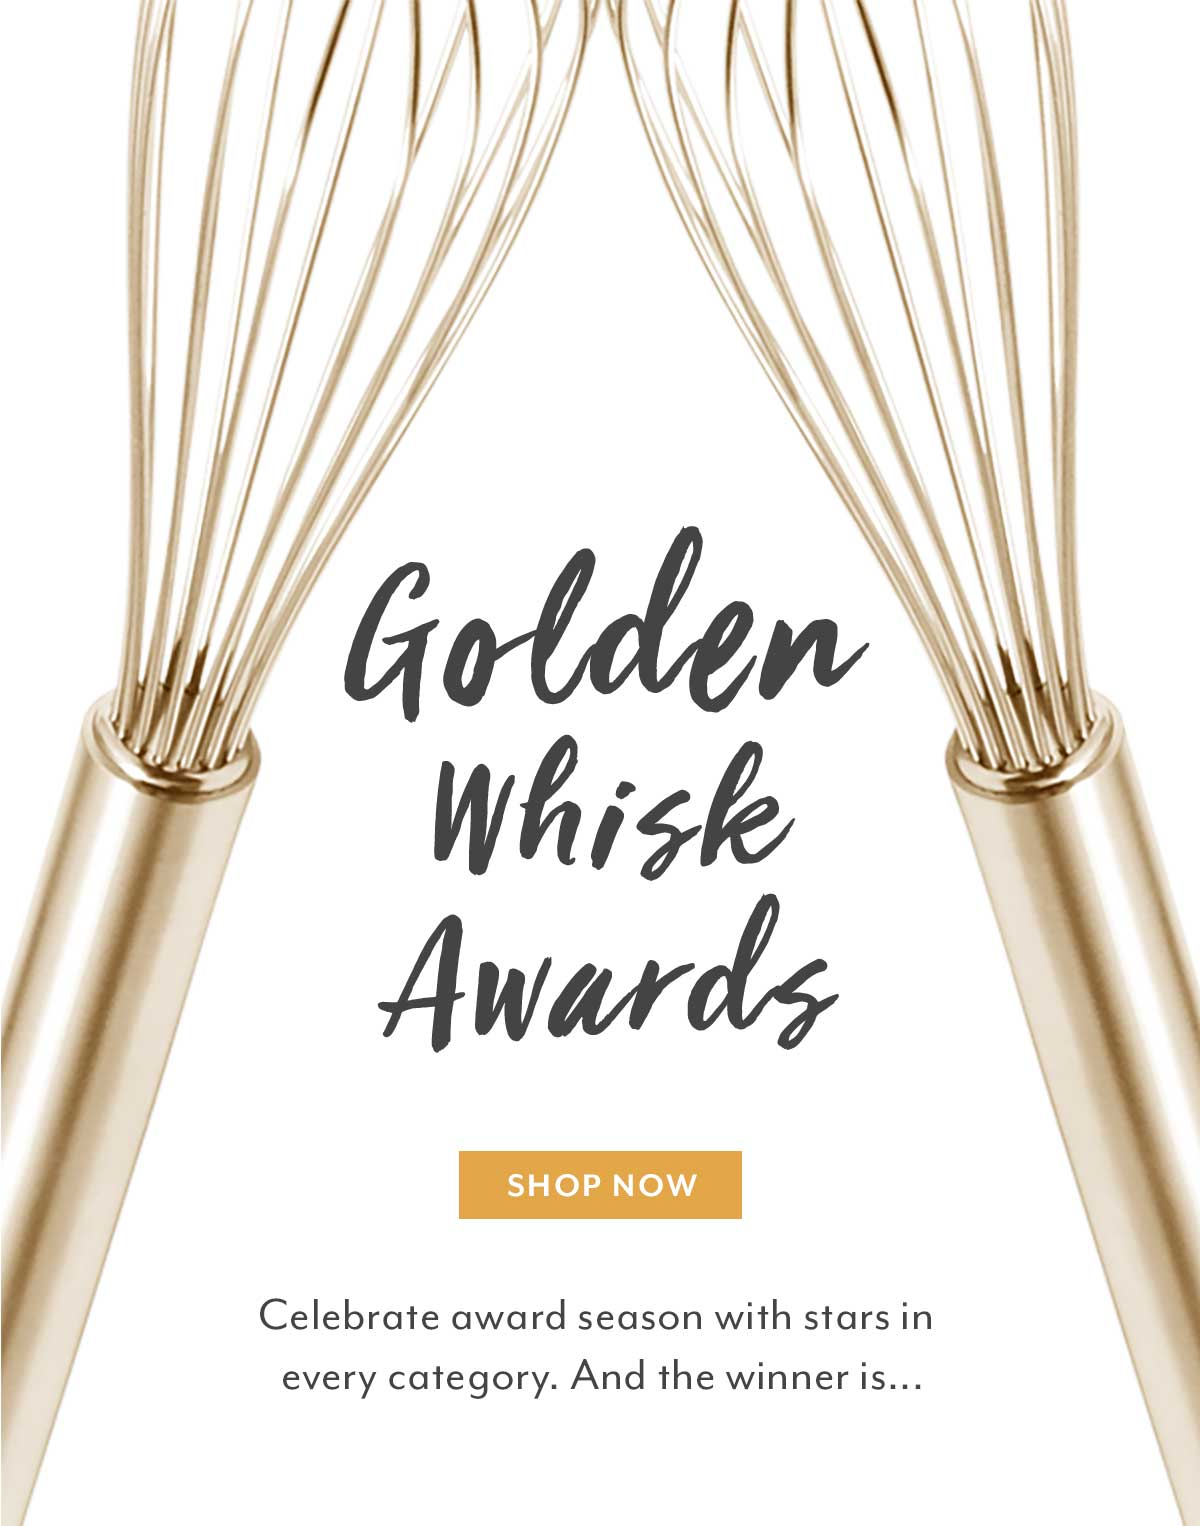 Golden Whisk Awards